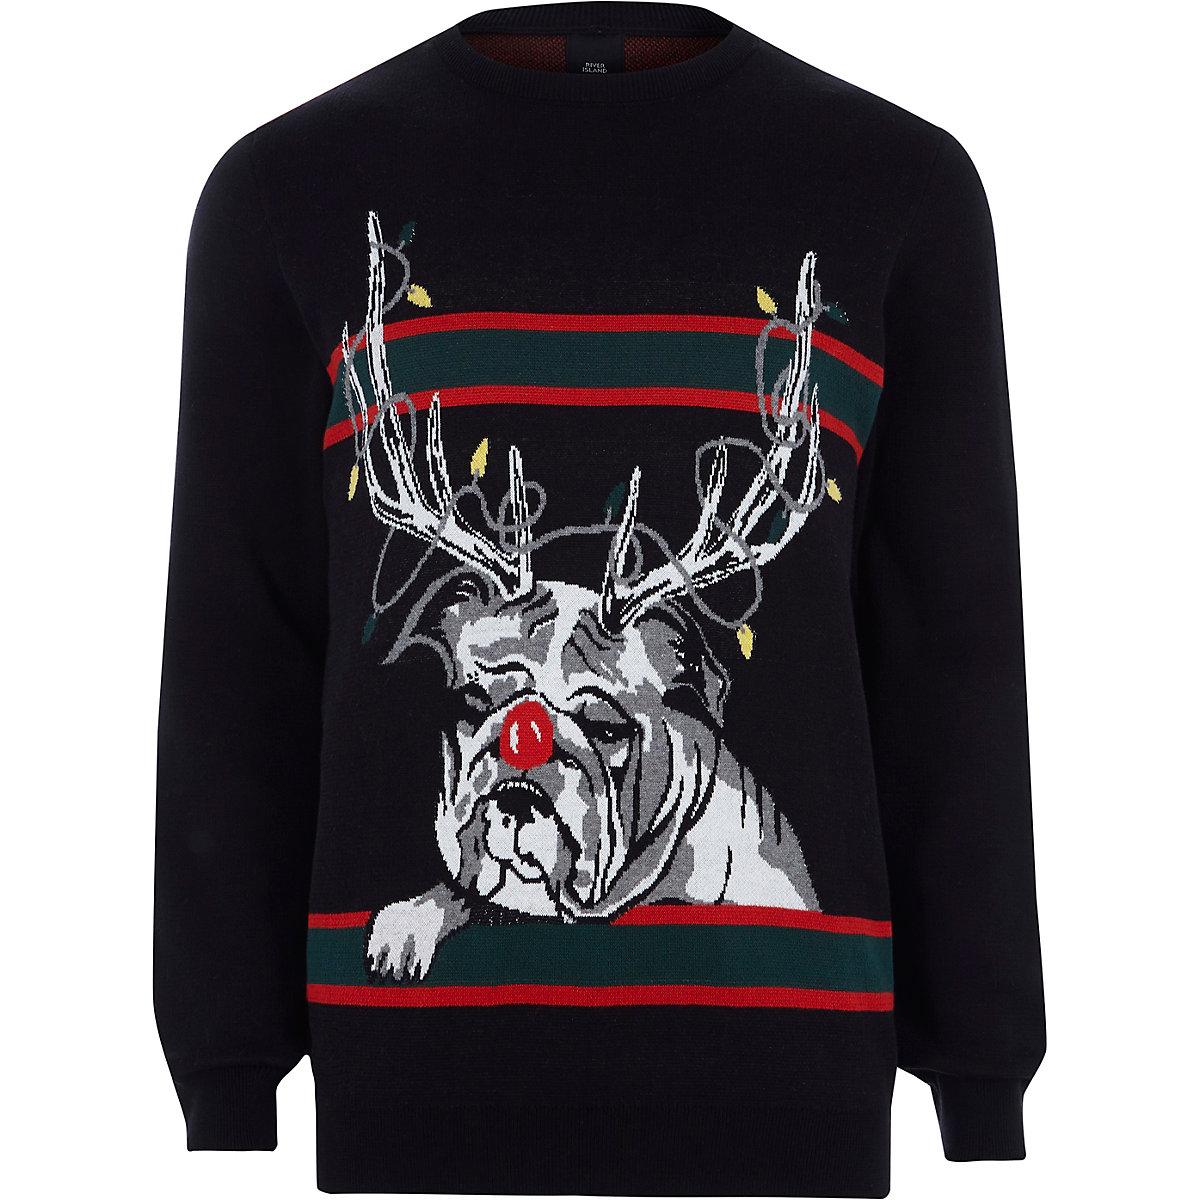 Pull de Noël bouledogue renne noir Pull de Noël bouledogue renne noir ... 9035e1ad29f6